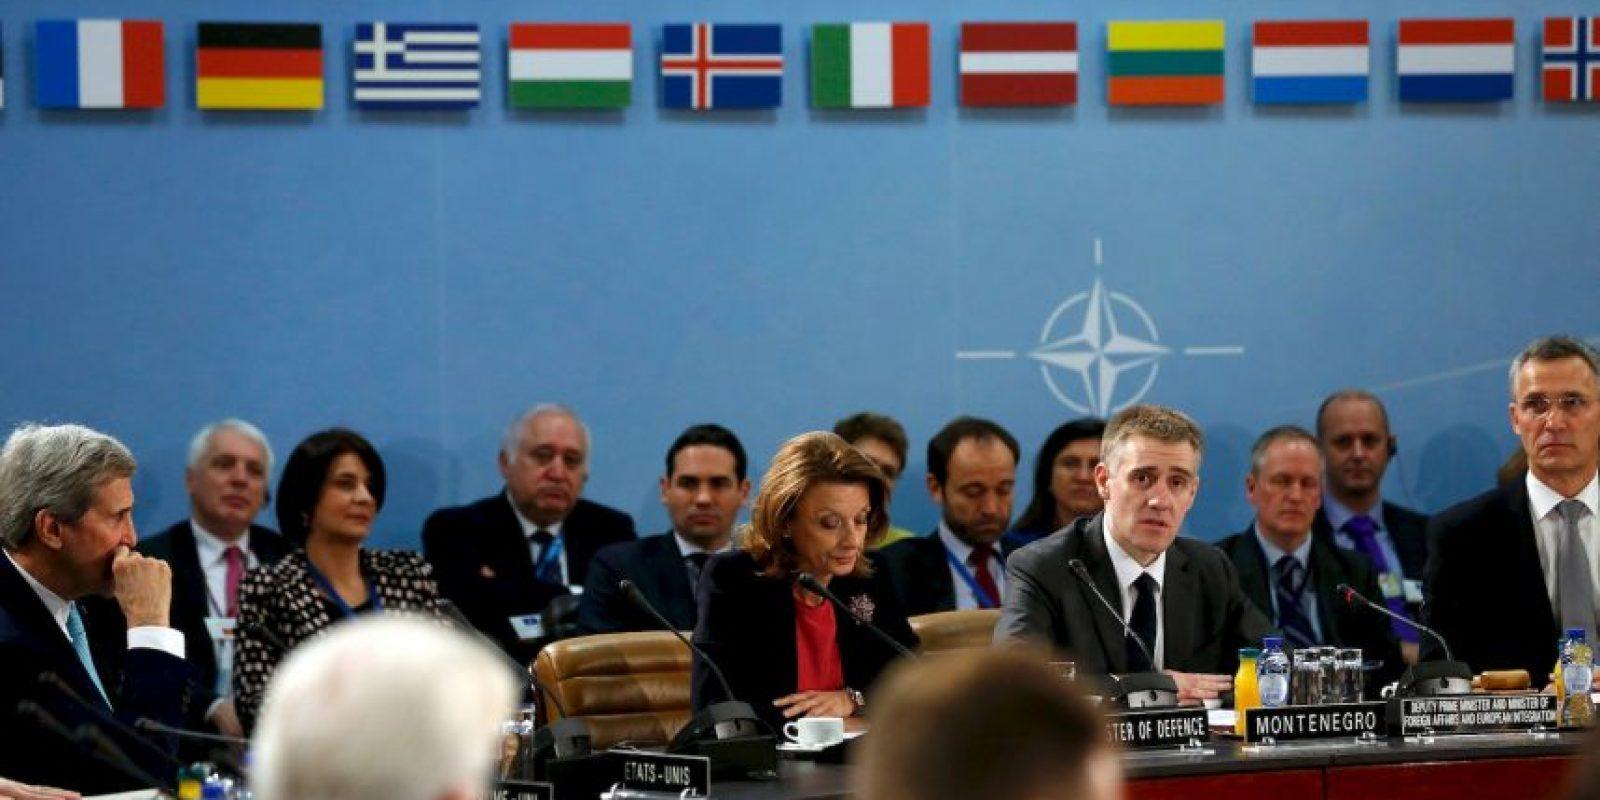 Esto para invitar al país a formar parte de la OTAN. Foto:AFP